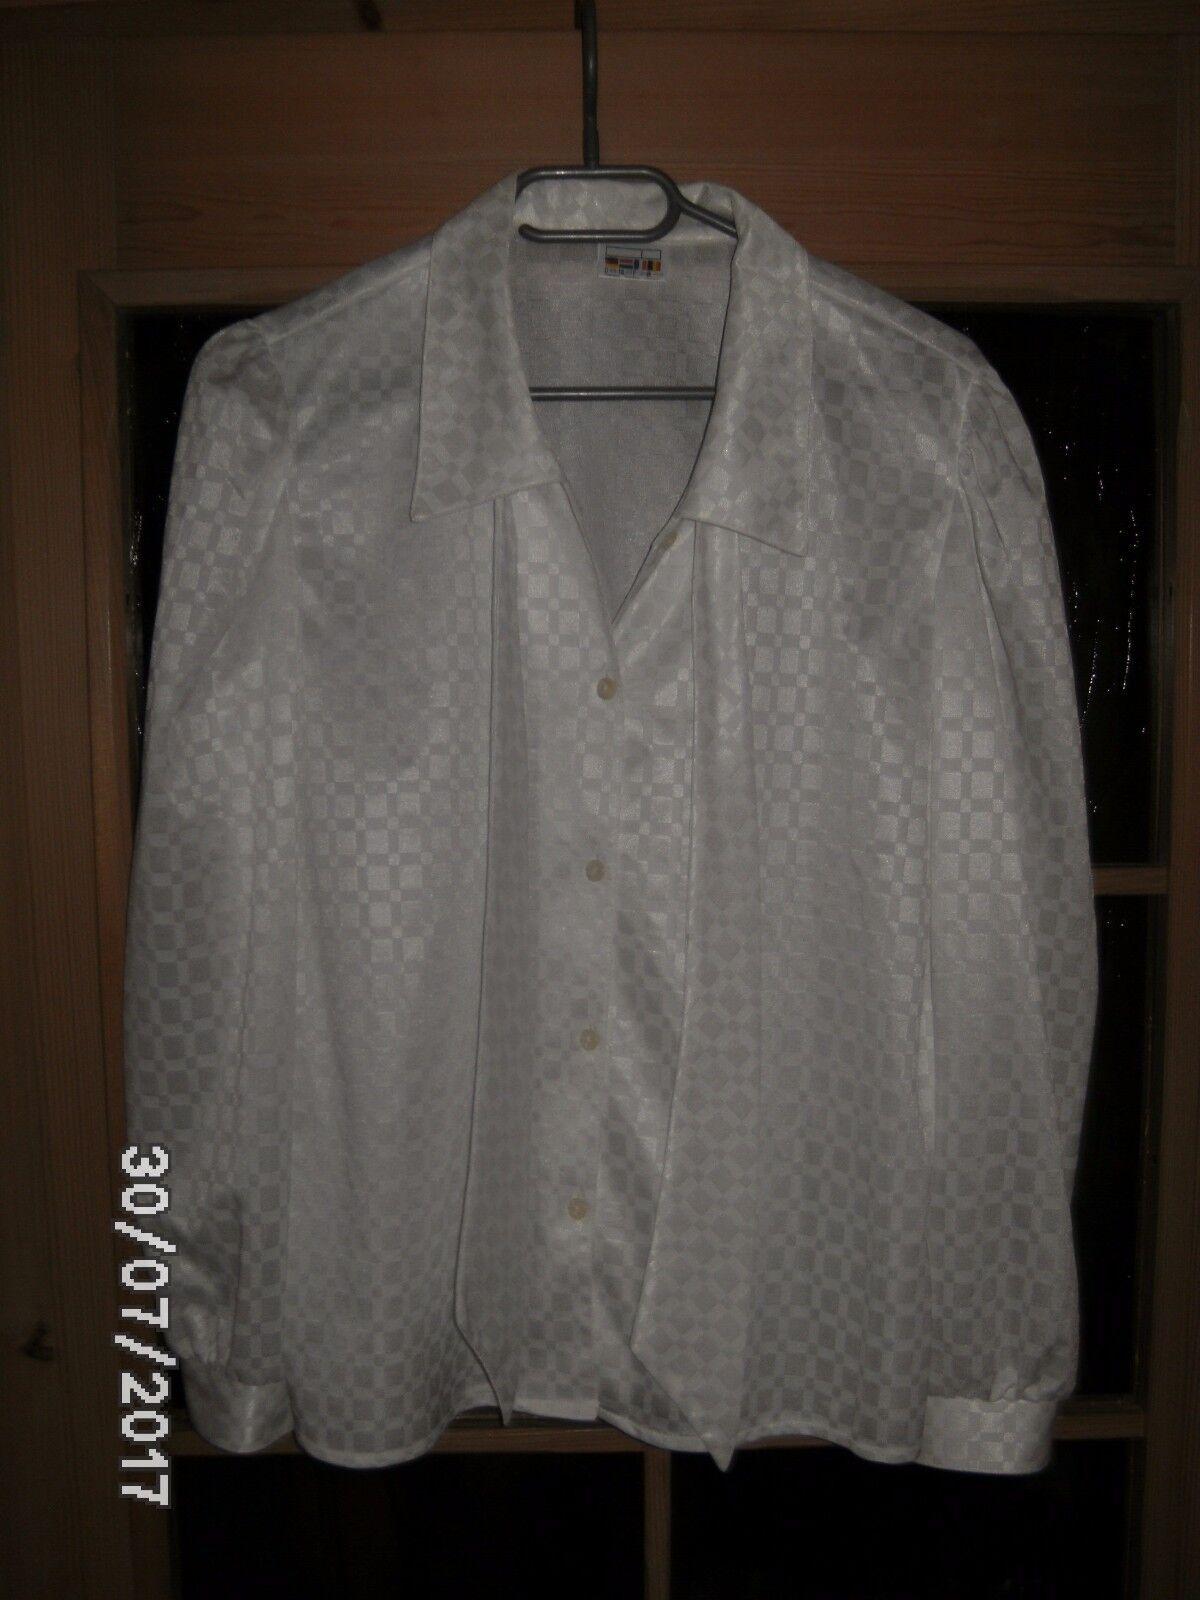 Bluse elegant langarm weiß glänzender Stoff für Damen Gr. 38